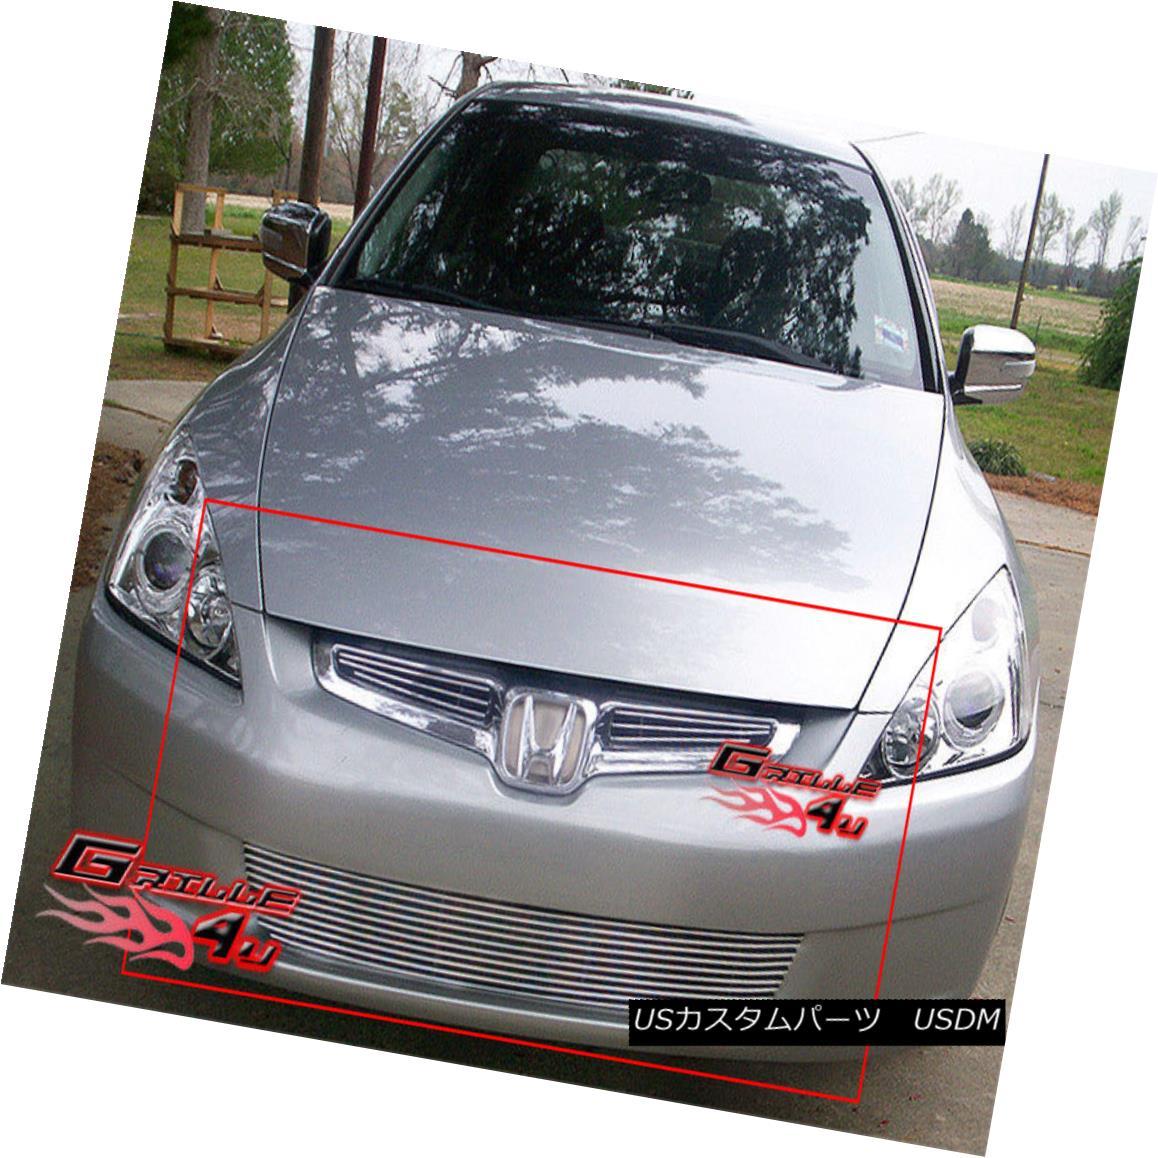 グリル Fits 2003-2004 Honda Accord Sedan Billet Grille Combo フィット2003-2004ホンダアコードセダンビレットグリルコンボ